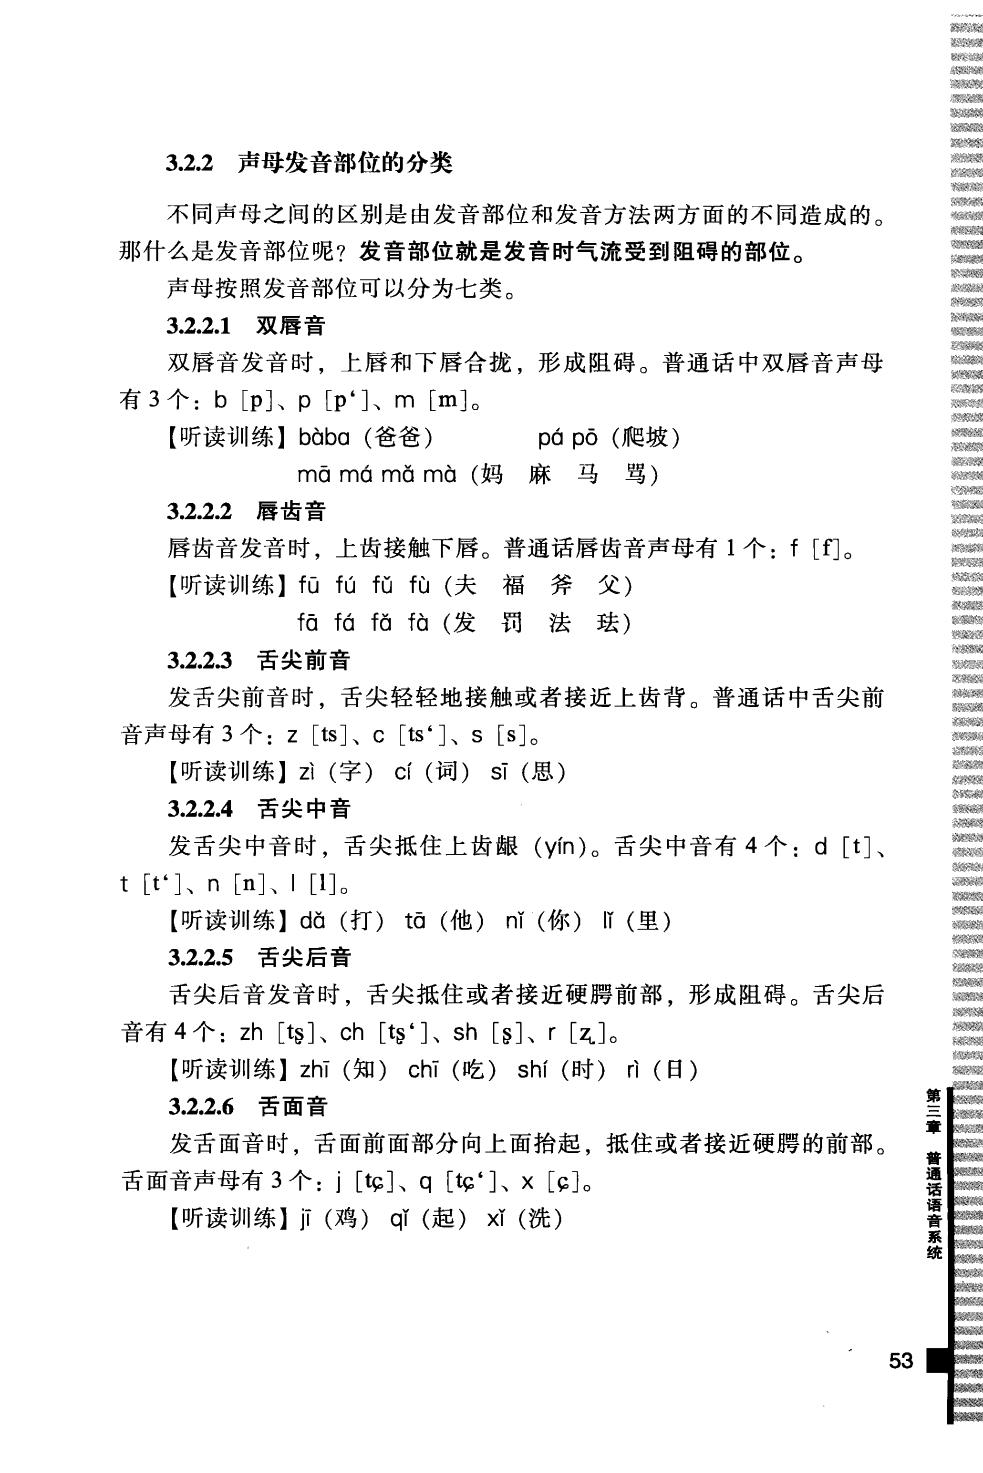 现代汉语语音教程.png